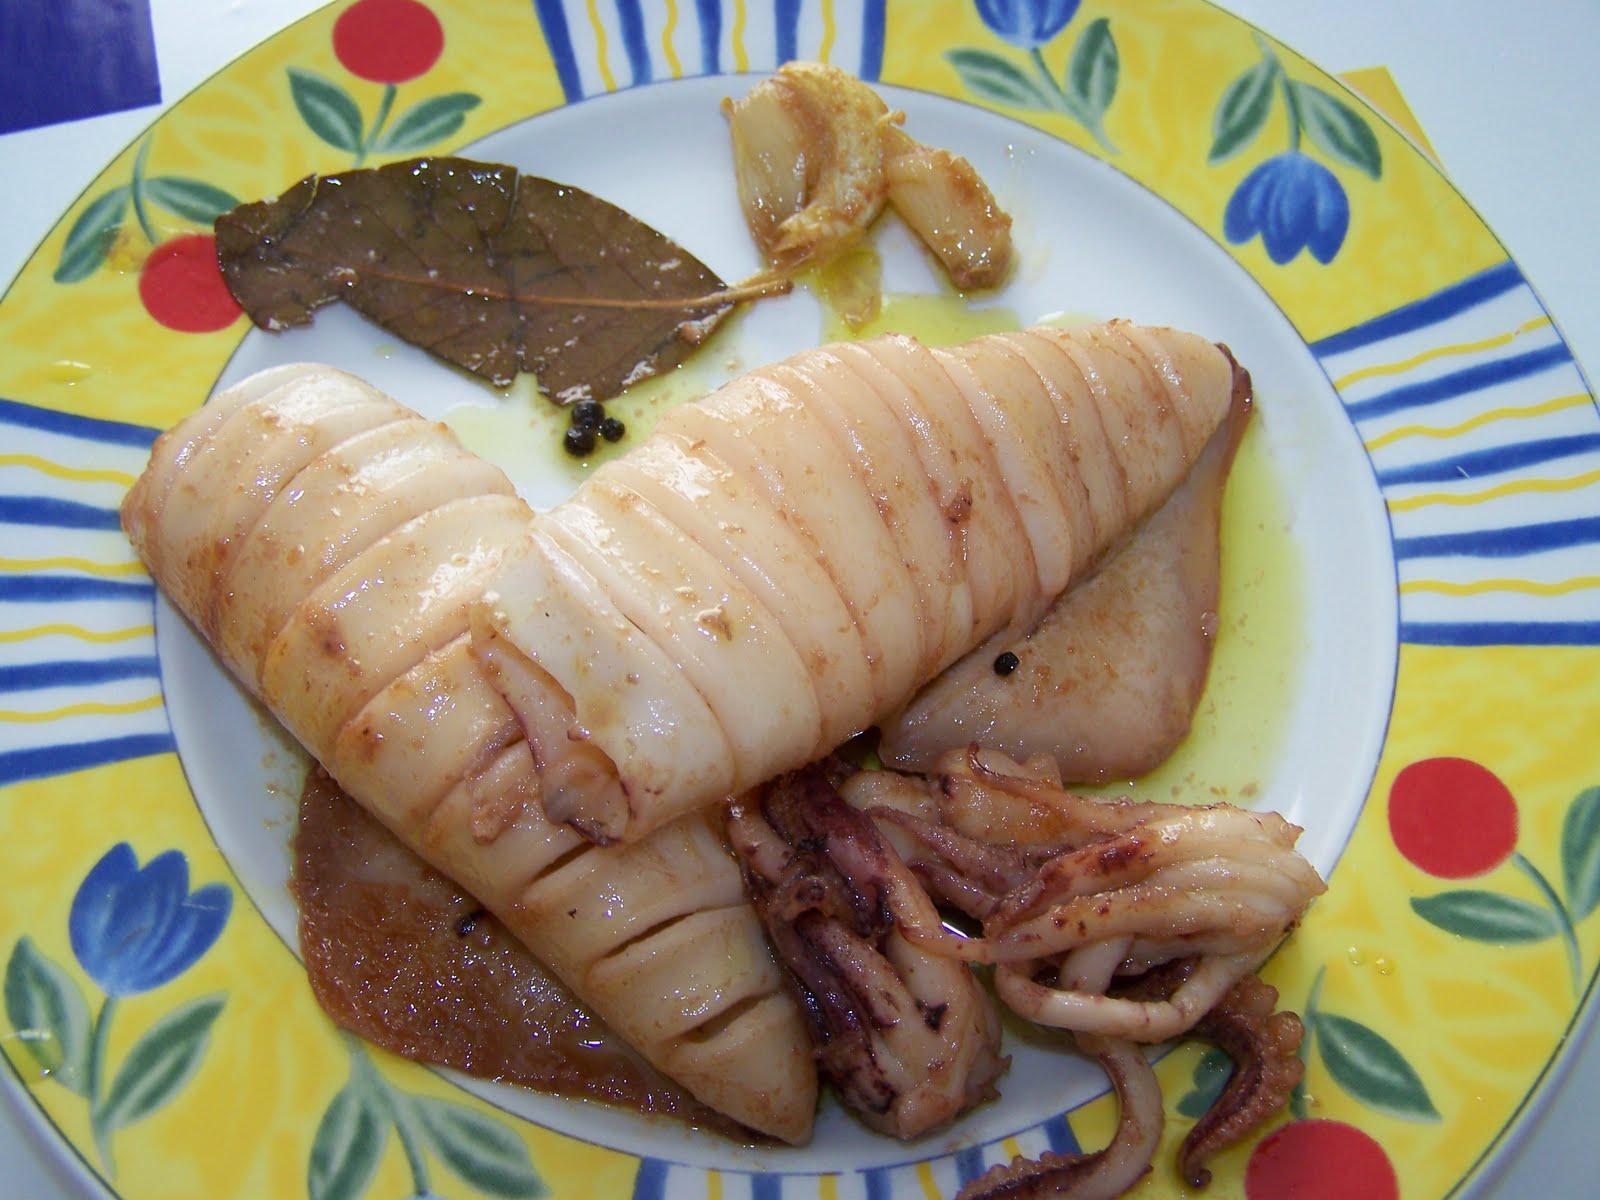 Las recetas de francis aguilera calamares en aceite - Limpiar calamares pequenos ...